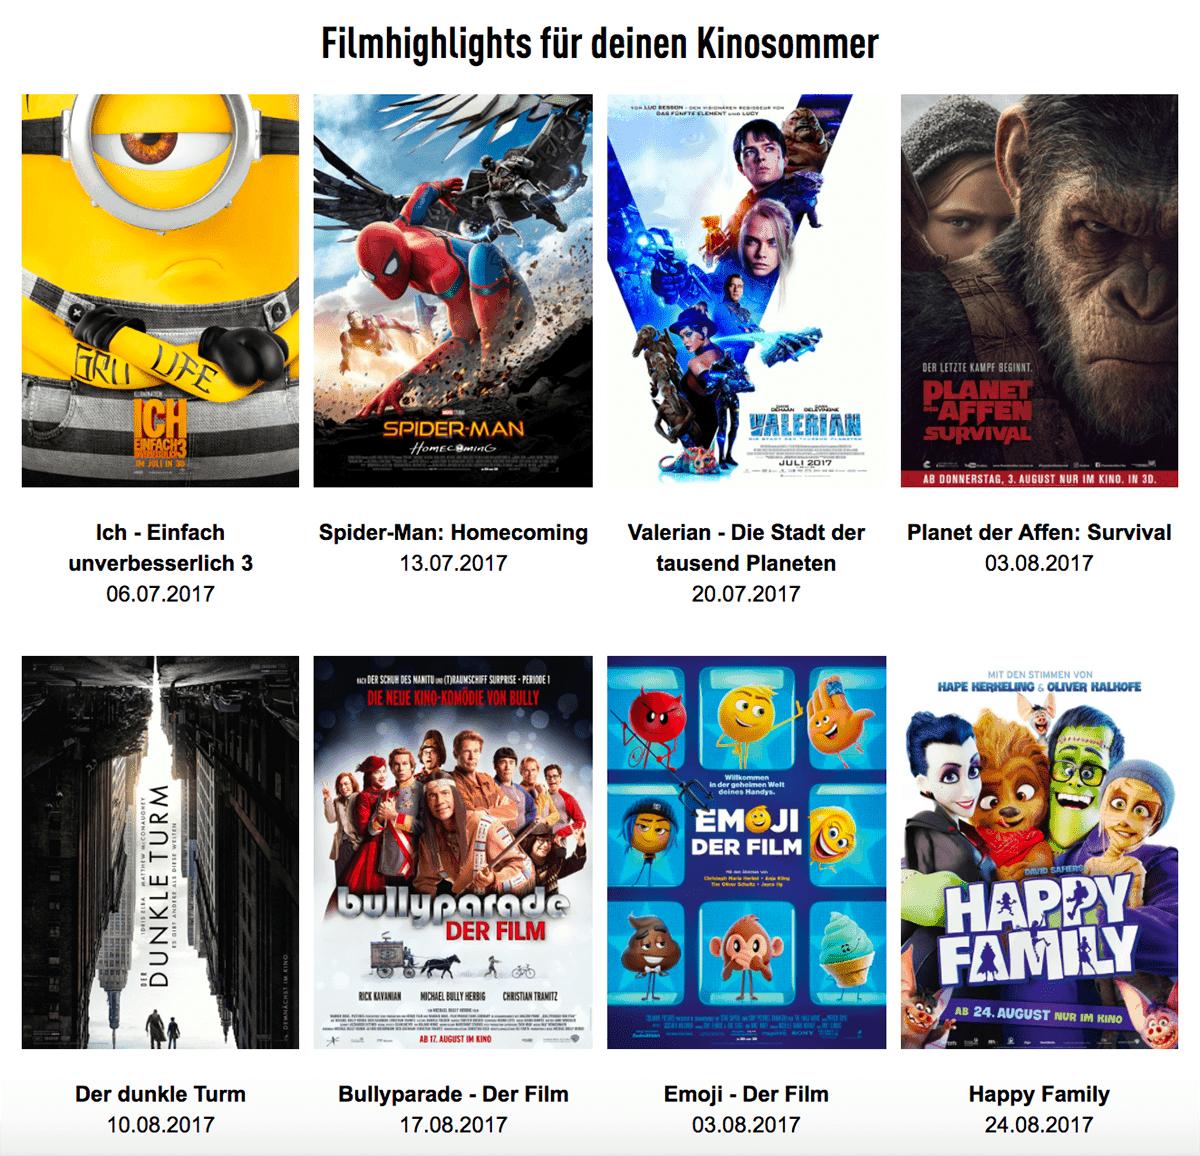 Leinwand statt Sonnenbrand - CinemaxX präsentiert das Fantastic Five-Ticket | sponsored Posts | Was is hier eigentlich los?